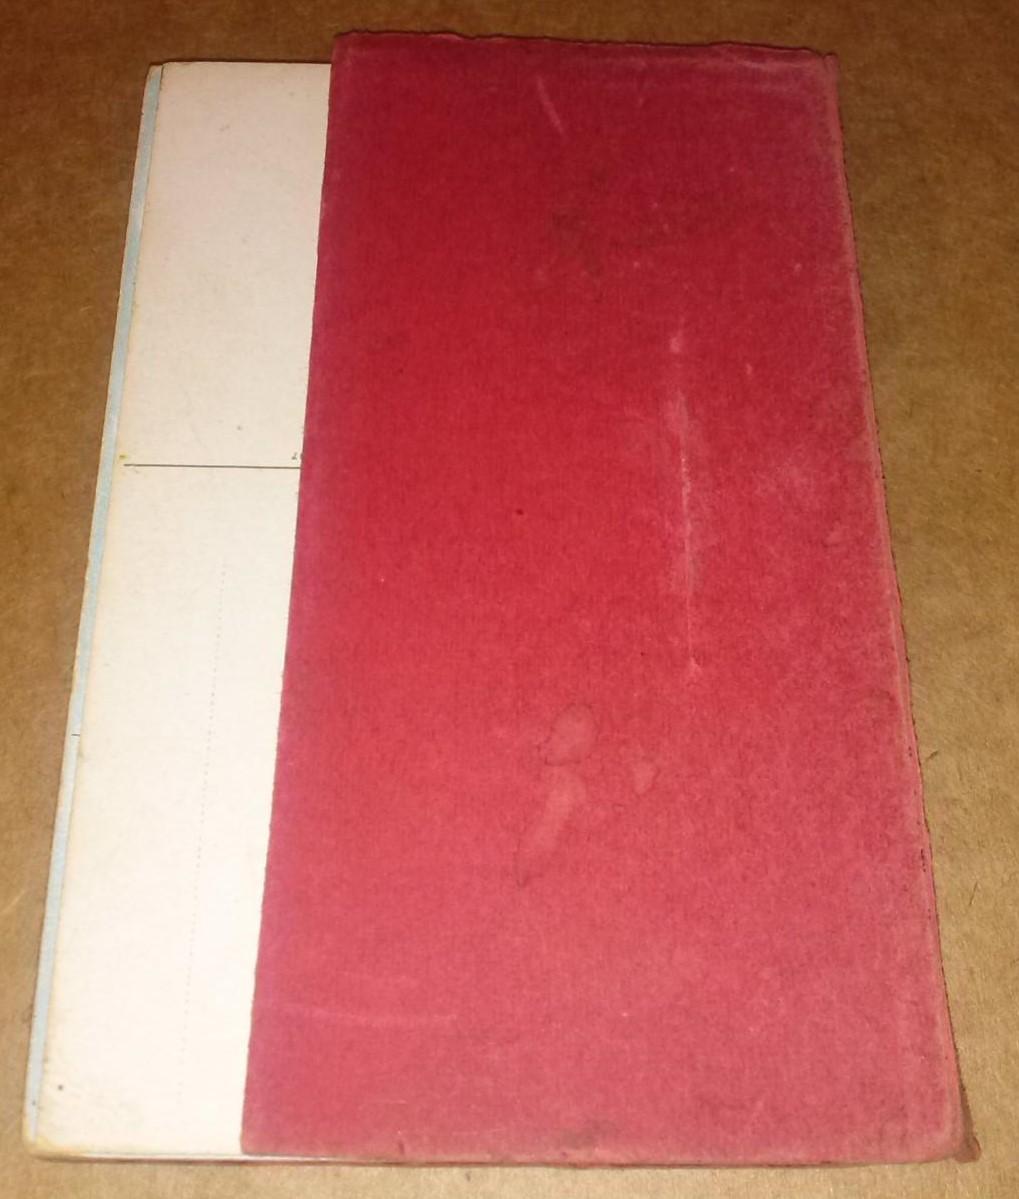 Der Rhein - 20 der hervorragendsten Punkte in künstlerischem Farbendruck. Auch als einzelne Postkarten zu benutzen (Titel in engl.+fra. Sprache vorne auf Front) - Leporello-Album mit ill. OVP/OPbd. - Leporello ist leider in zwei Teilen vorhanden, alle ... 1